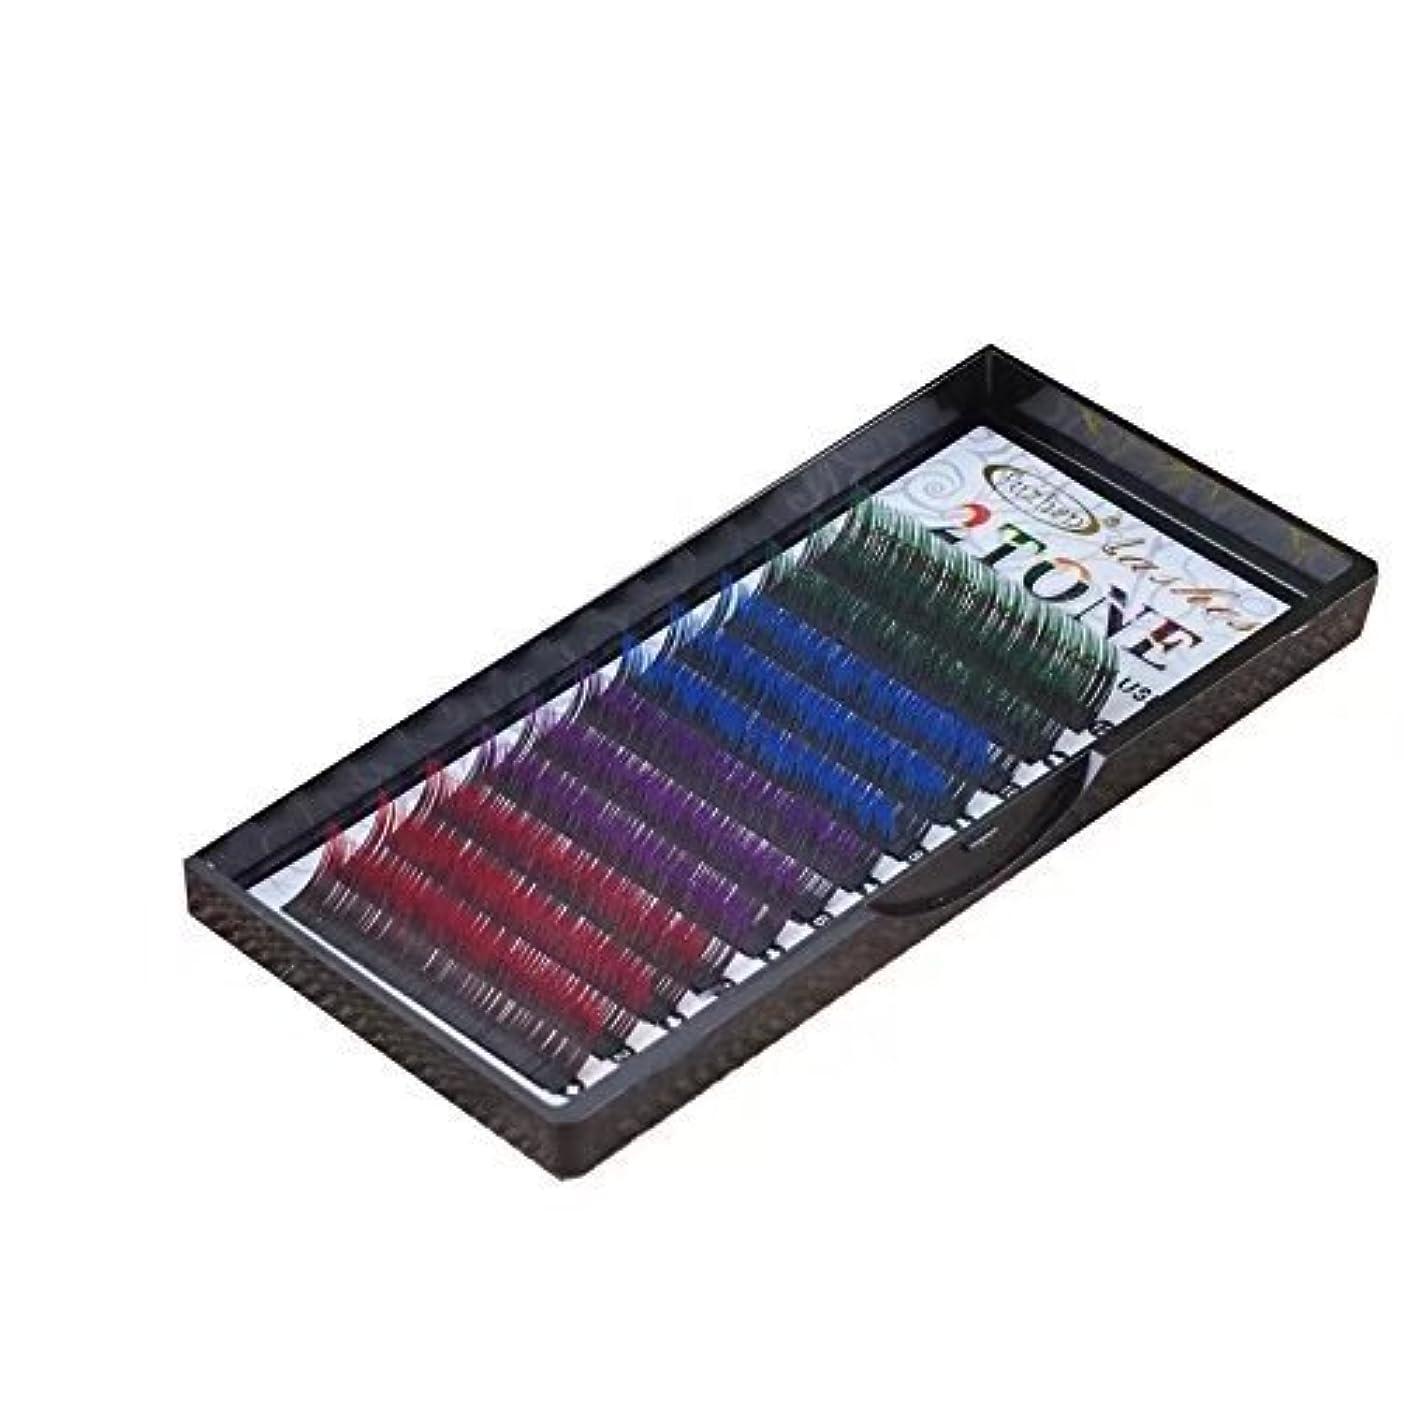 ウェブ雑種脈拍まつげエクステ 太さ0.15mm(カール色長さ指定) グラデーションマツエク 色ごとに3列 12列タイプ 2ケース入り (0.15 C 12mm、グリーン?ブルー?バイオレット?レッド)